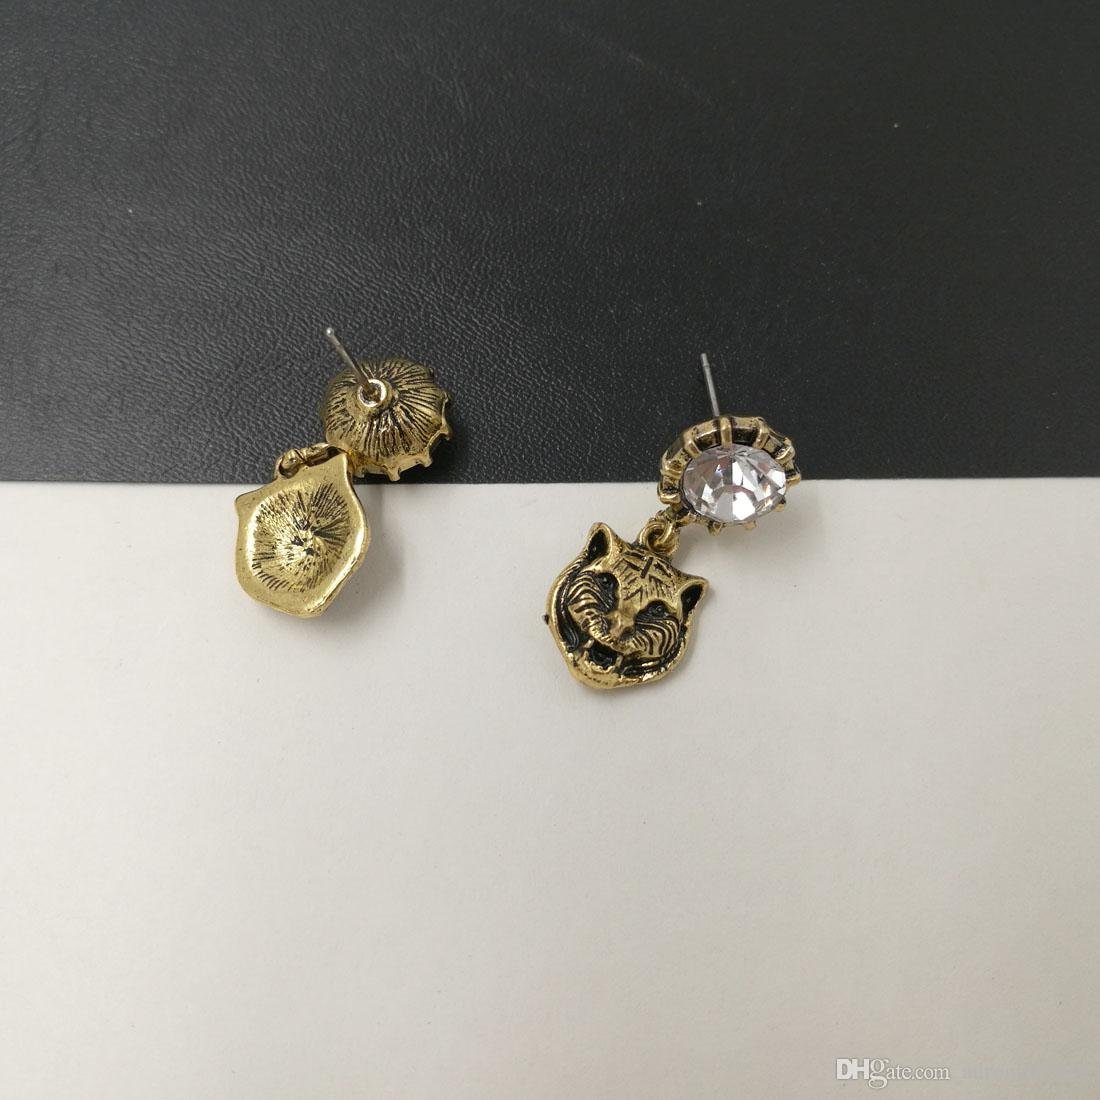 Новый бренд Vintage Metal Leopard Серьги Стержня для Женщин Ювелирные Изделия Золотая серьга Rhinestone brincos кулон Панк Bijoux аксессуары 2017